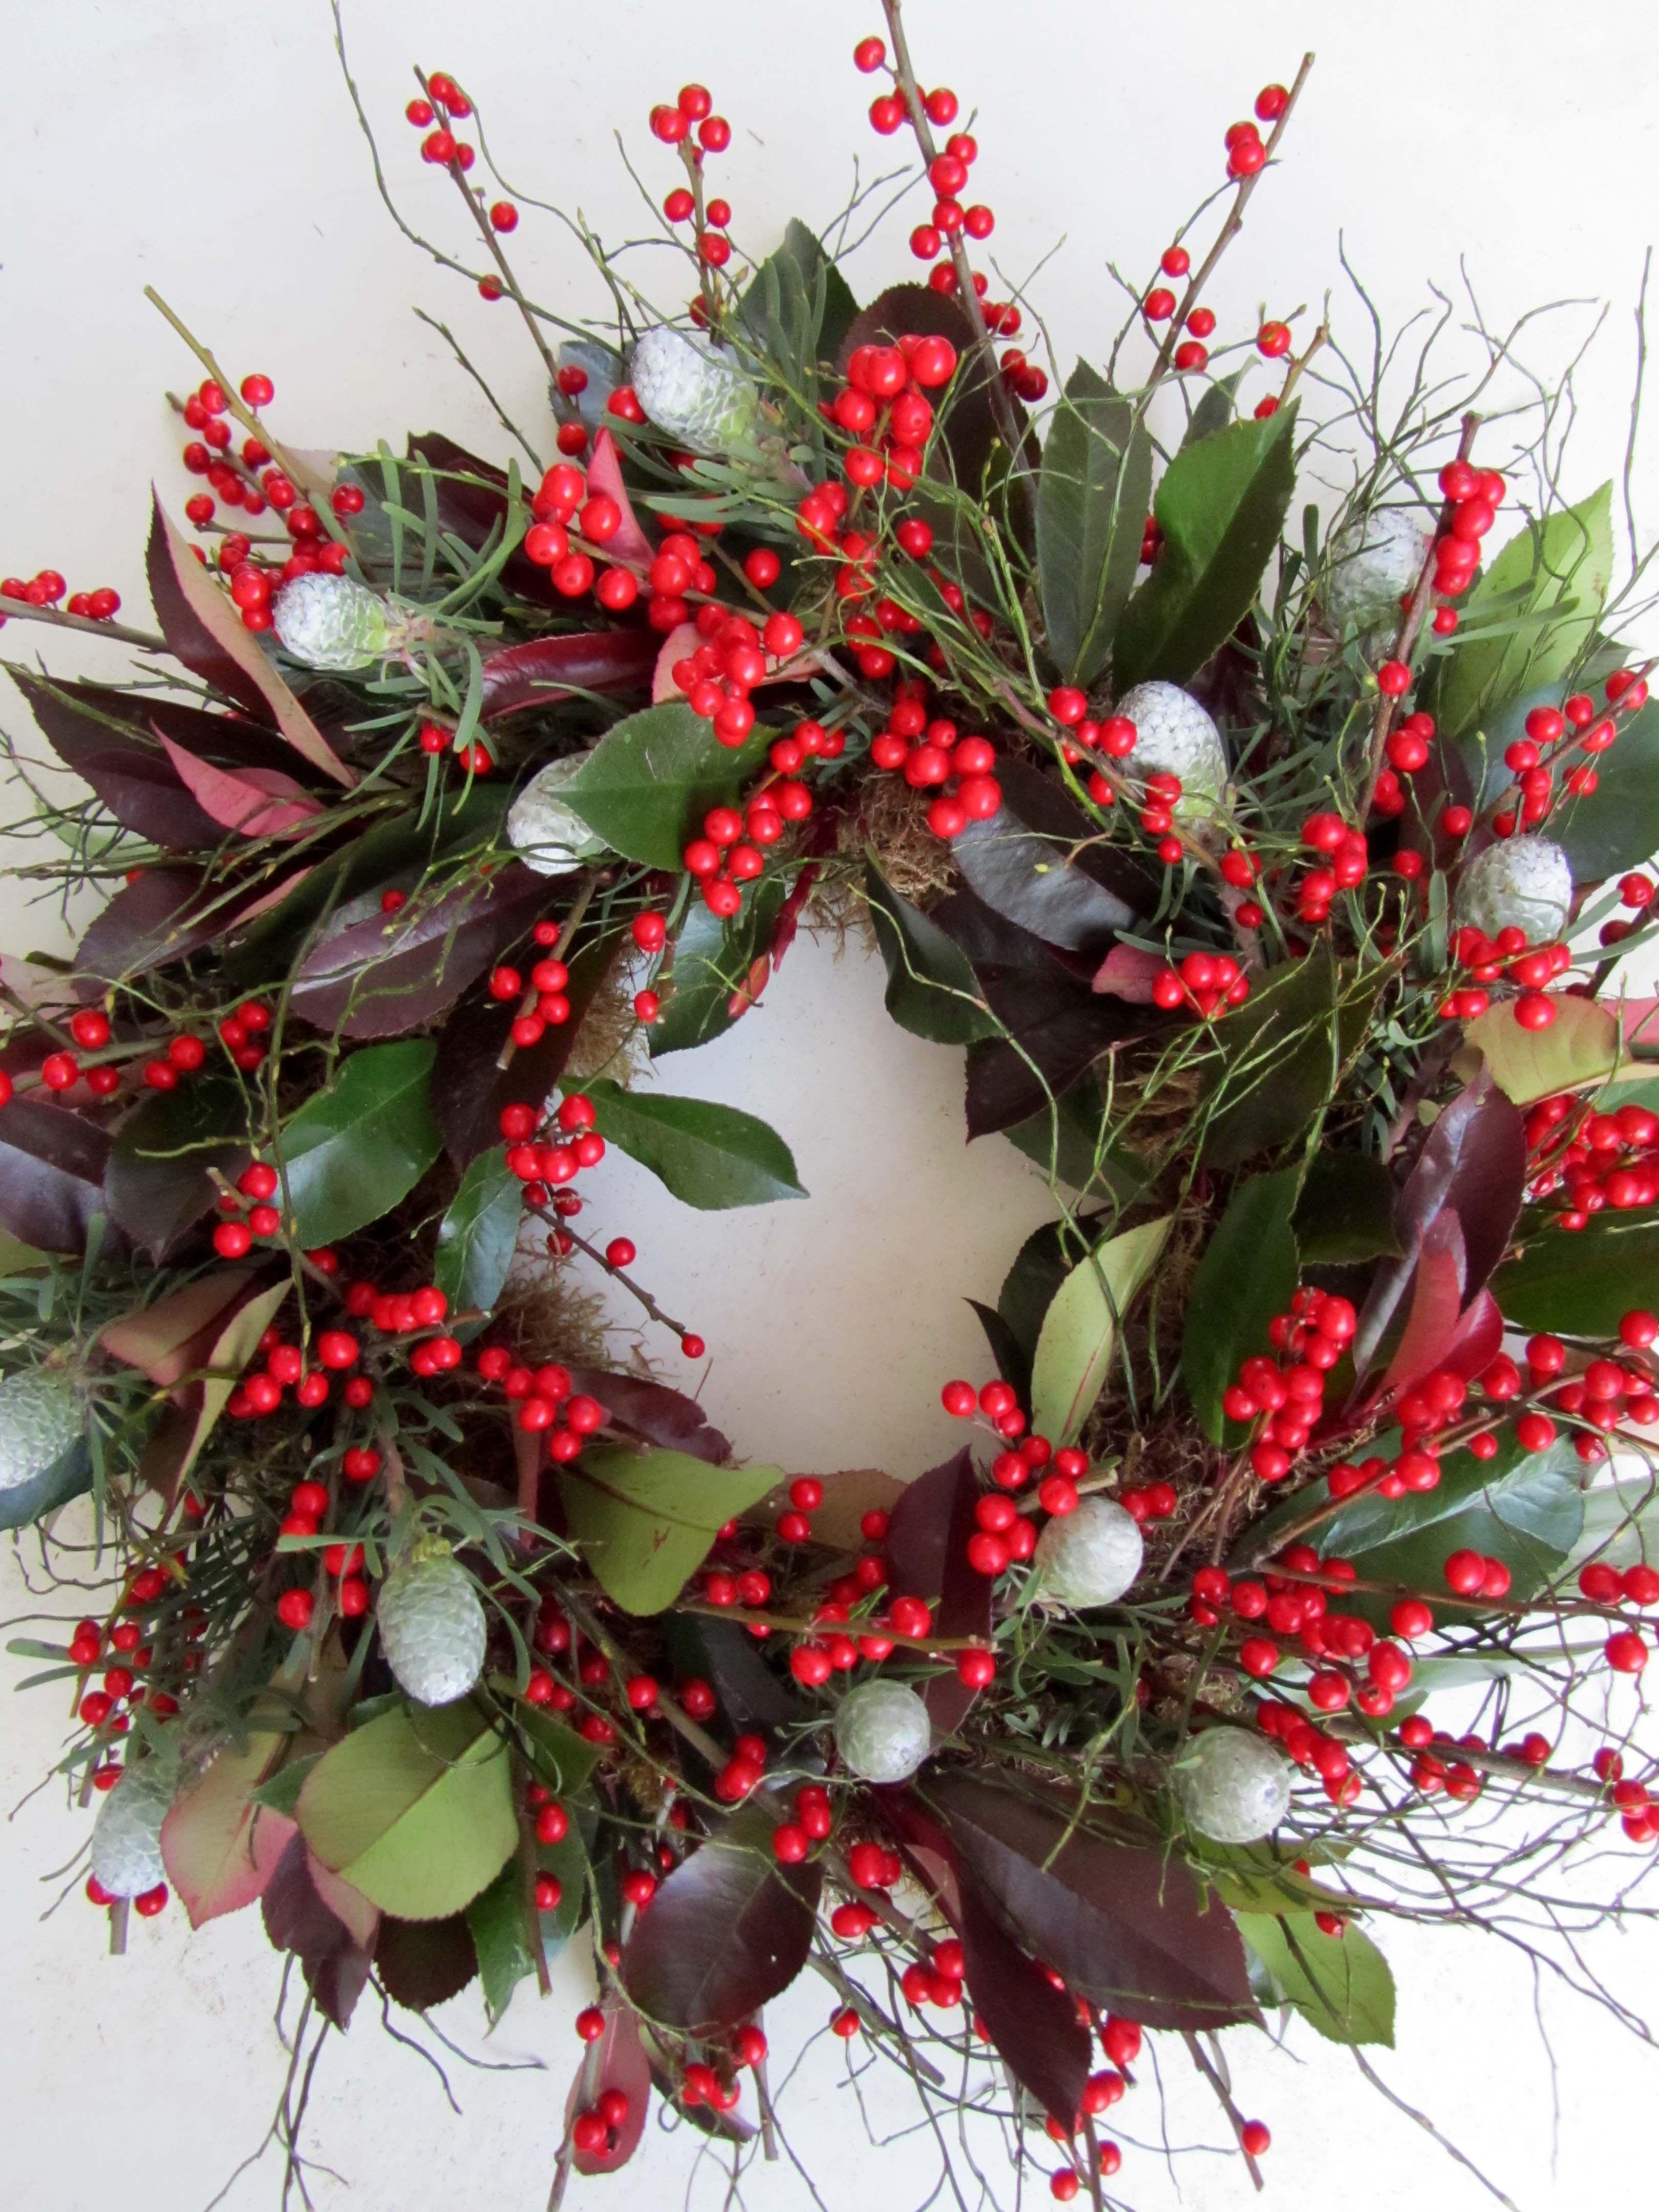 Boutique Blooms Floral Design Christmas door wreath decoration